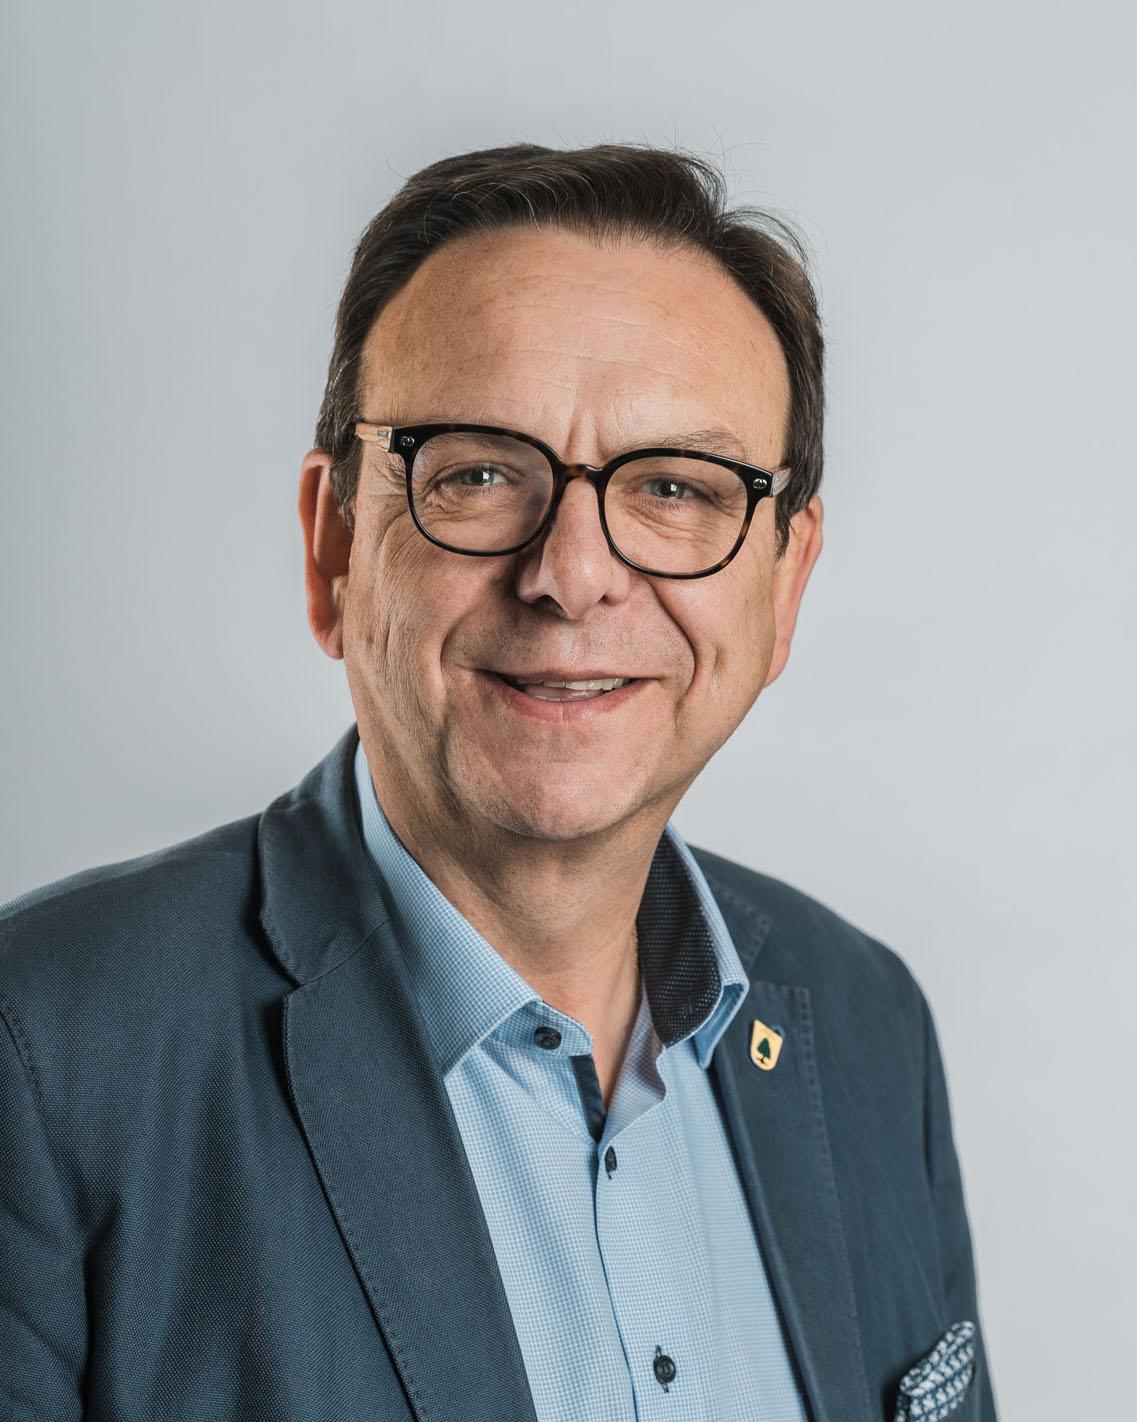 Bürgermeister Franz Wittmann